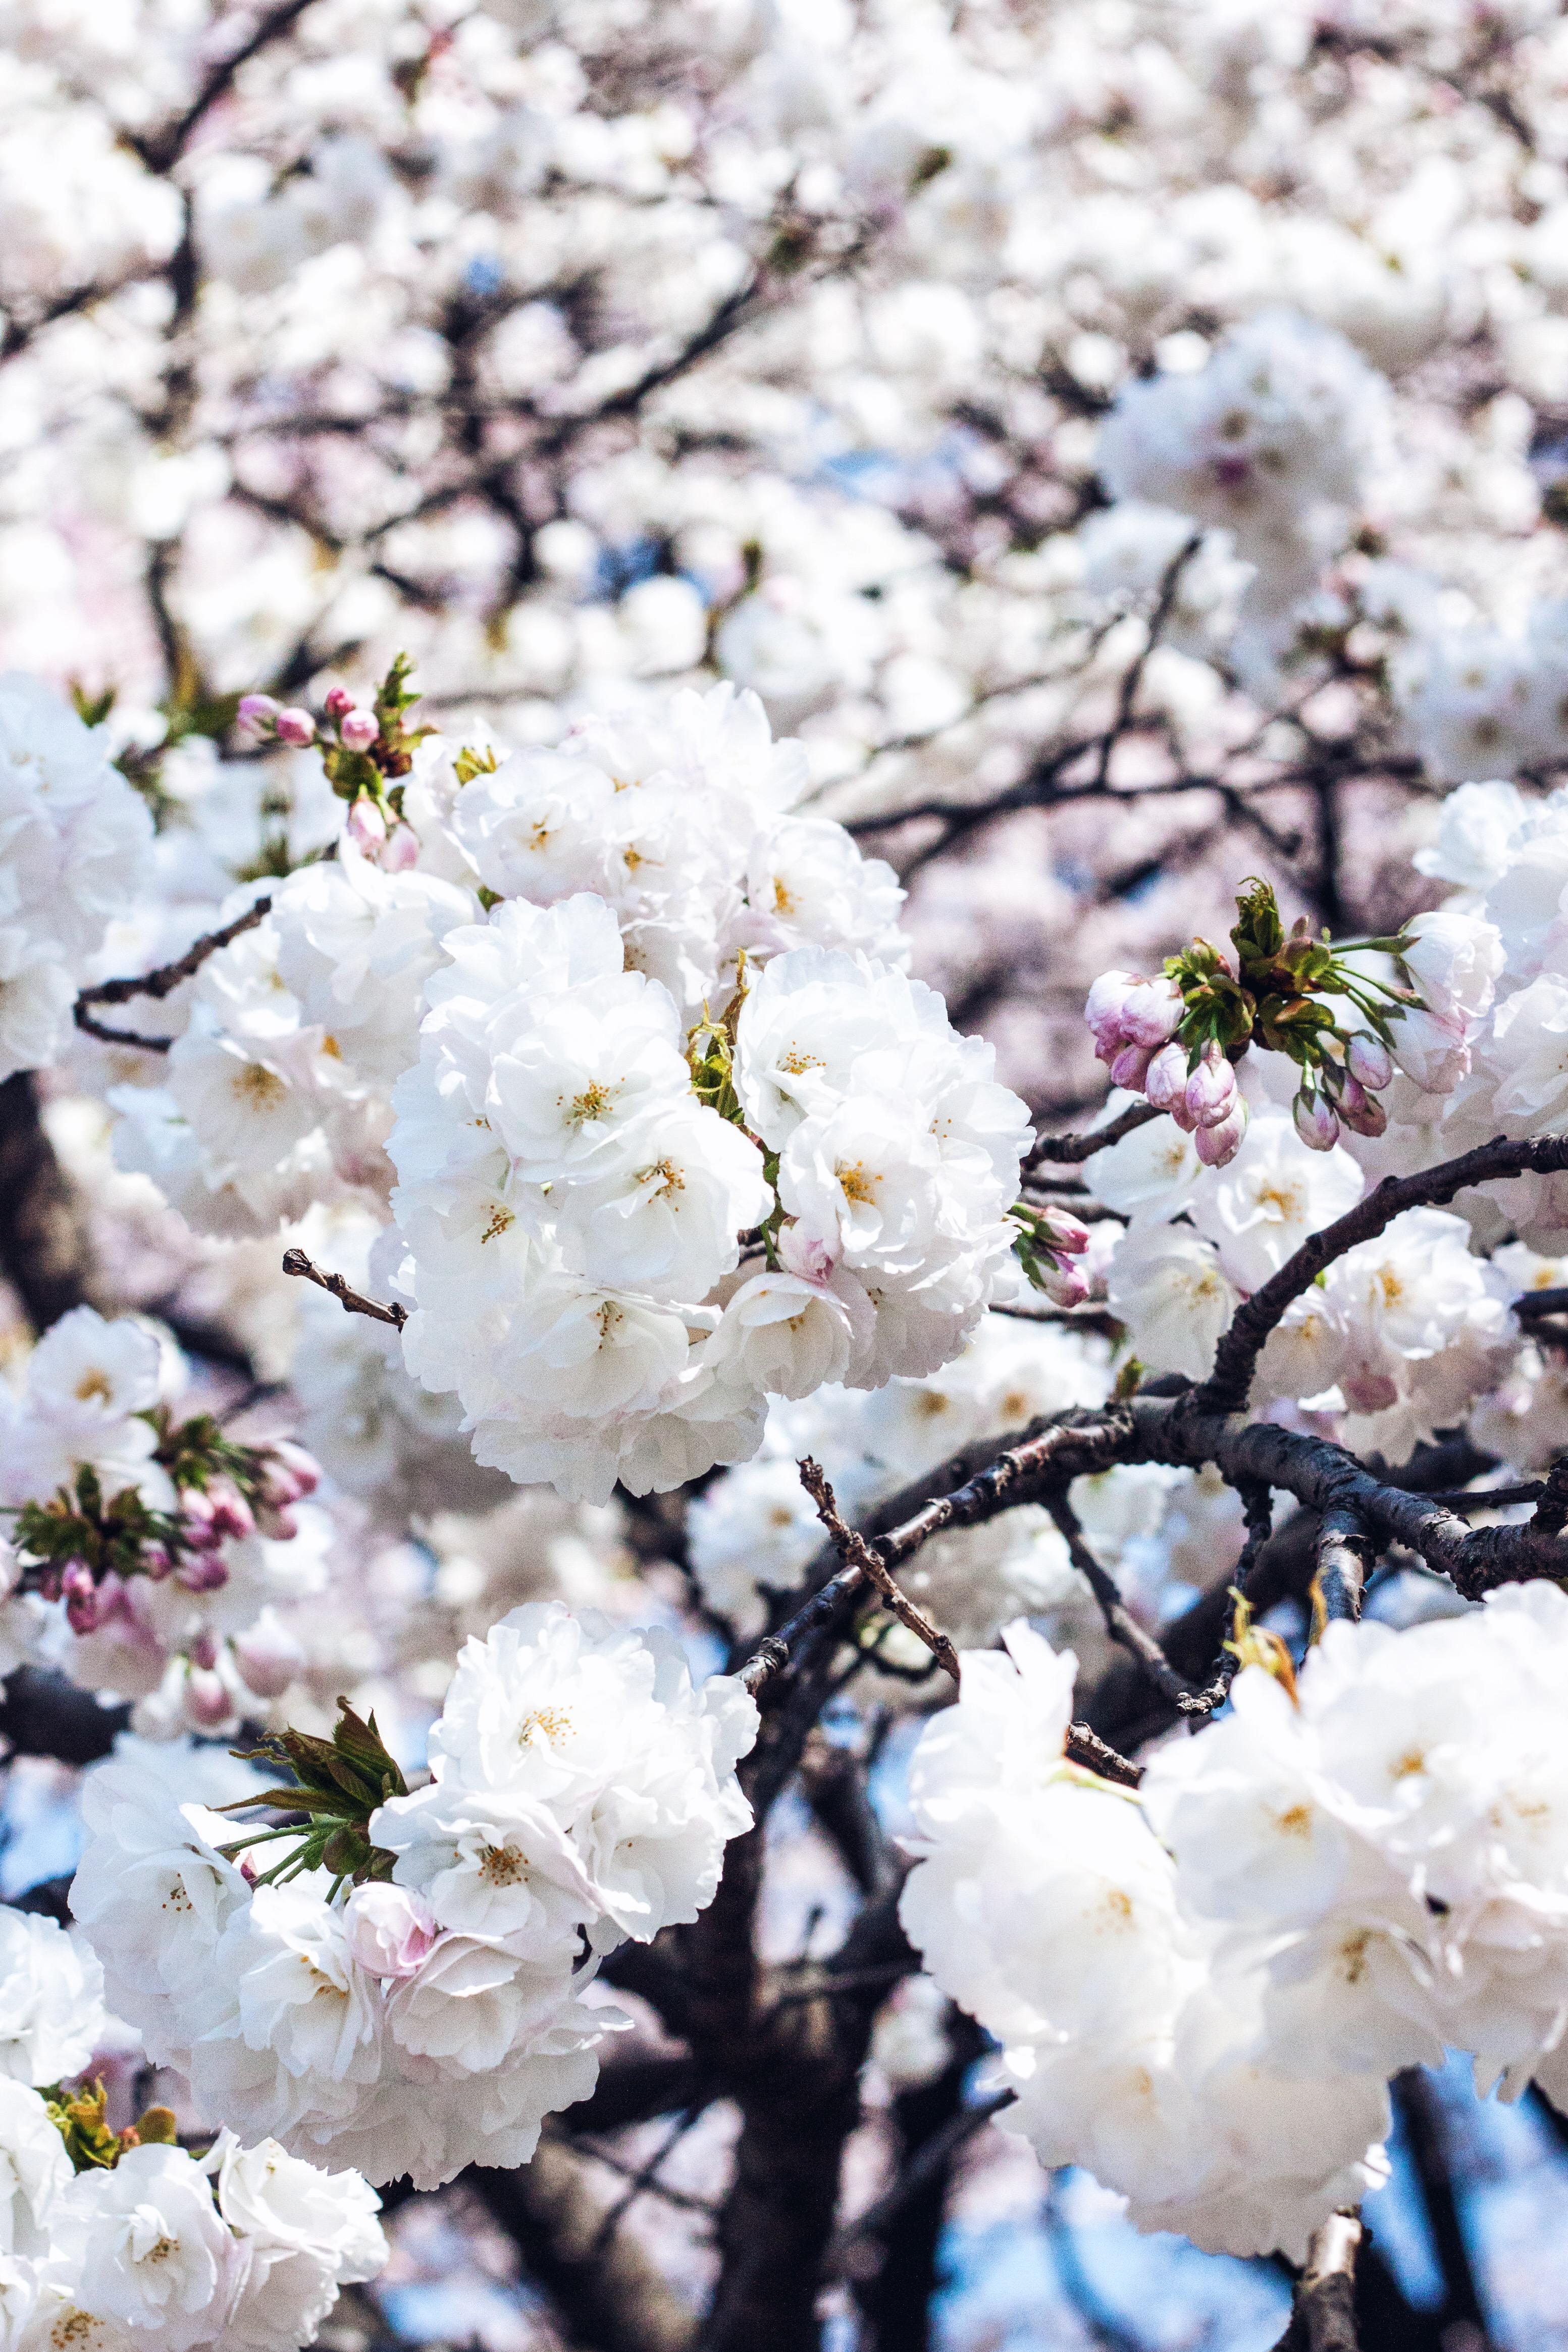 late blooming cherry blossom, japa, tokyo, sakura, cherry blossoms 2016, cherry blossoms tokyo, sakura 2016, cherry blossom season 2016, cherry blossom japan